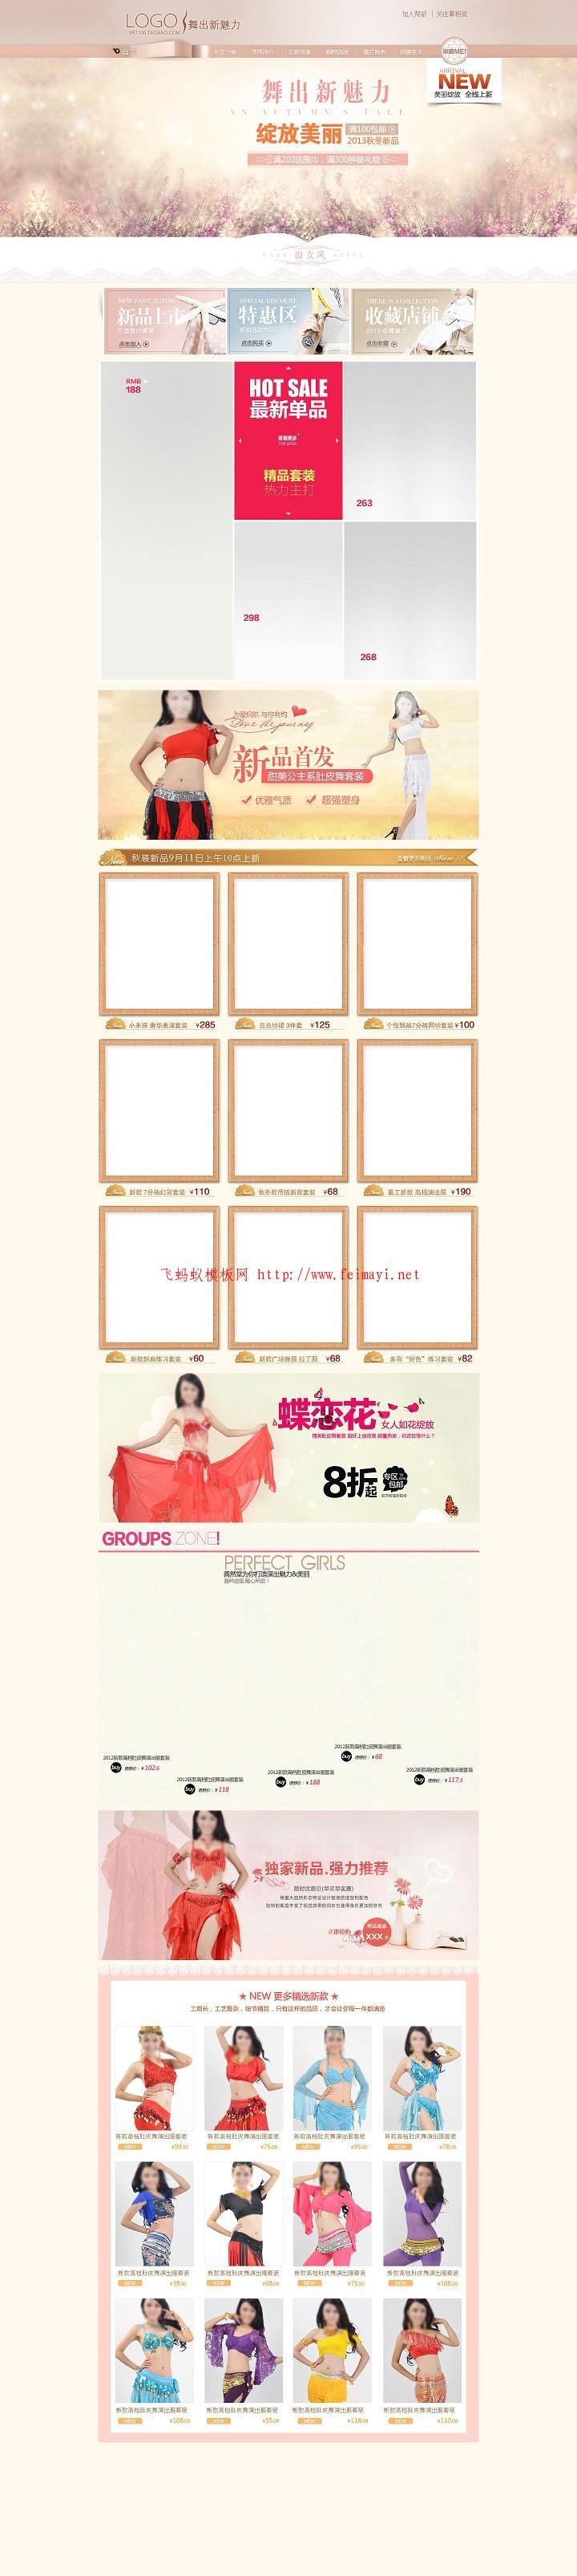 2018粉色系列淘宝首页女装psd行业通用PSD素材女装模板免费下载